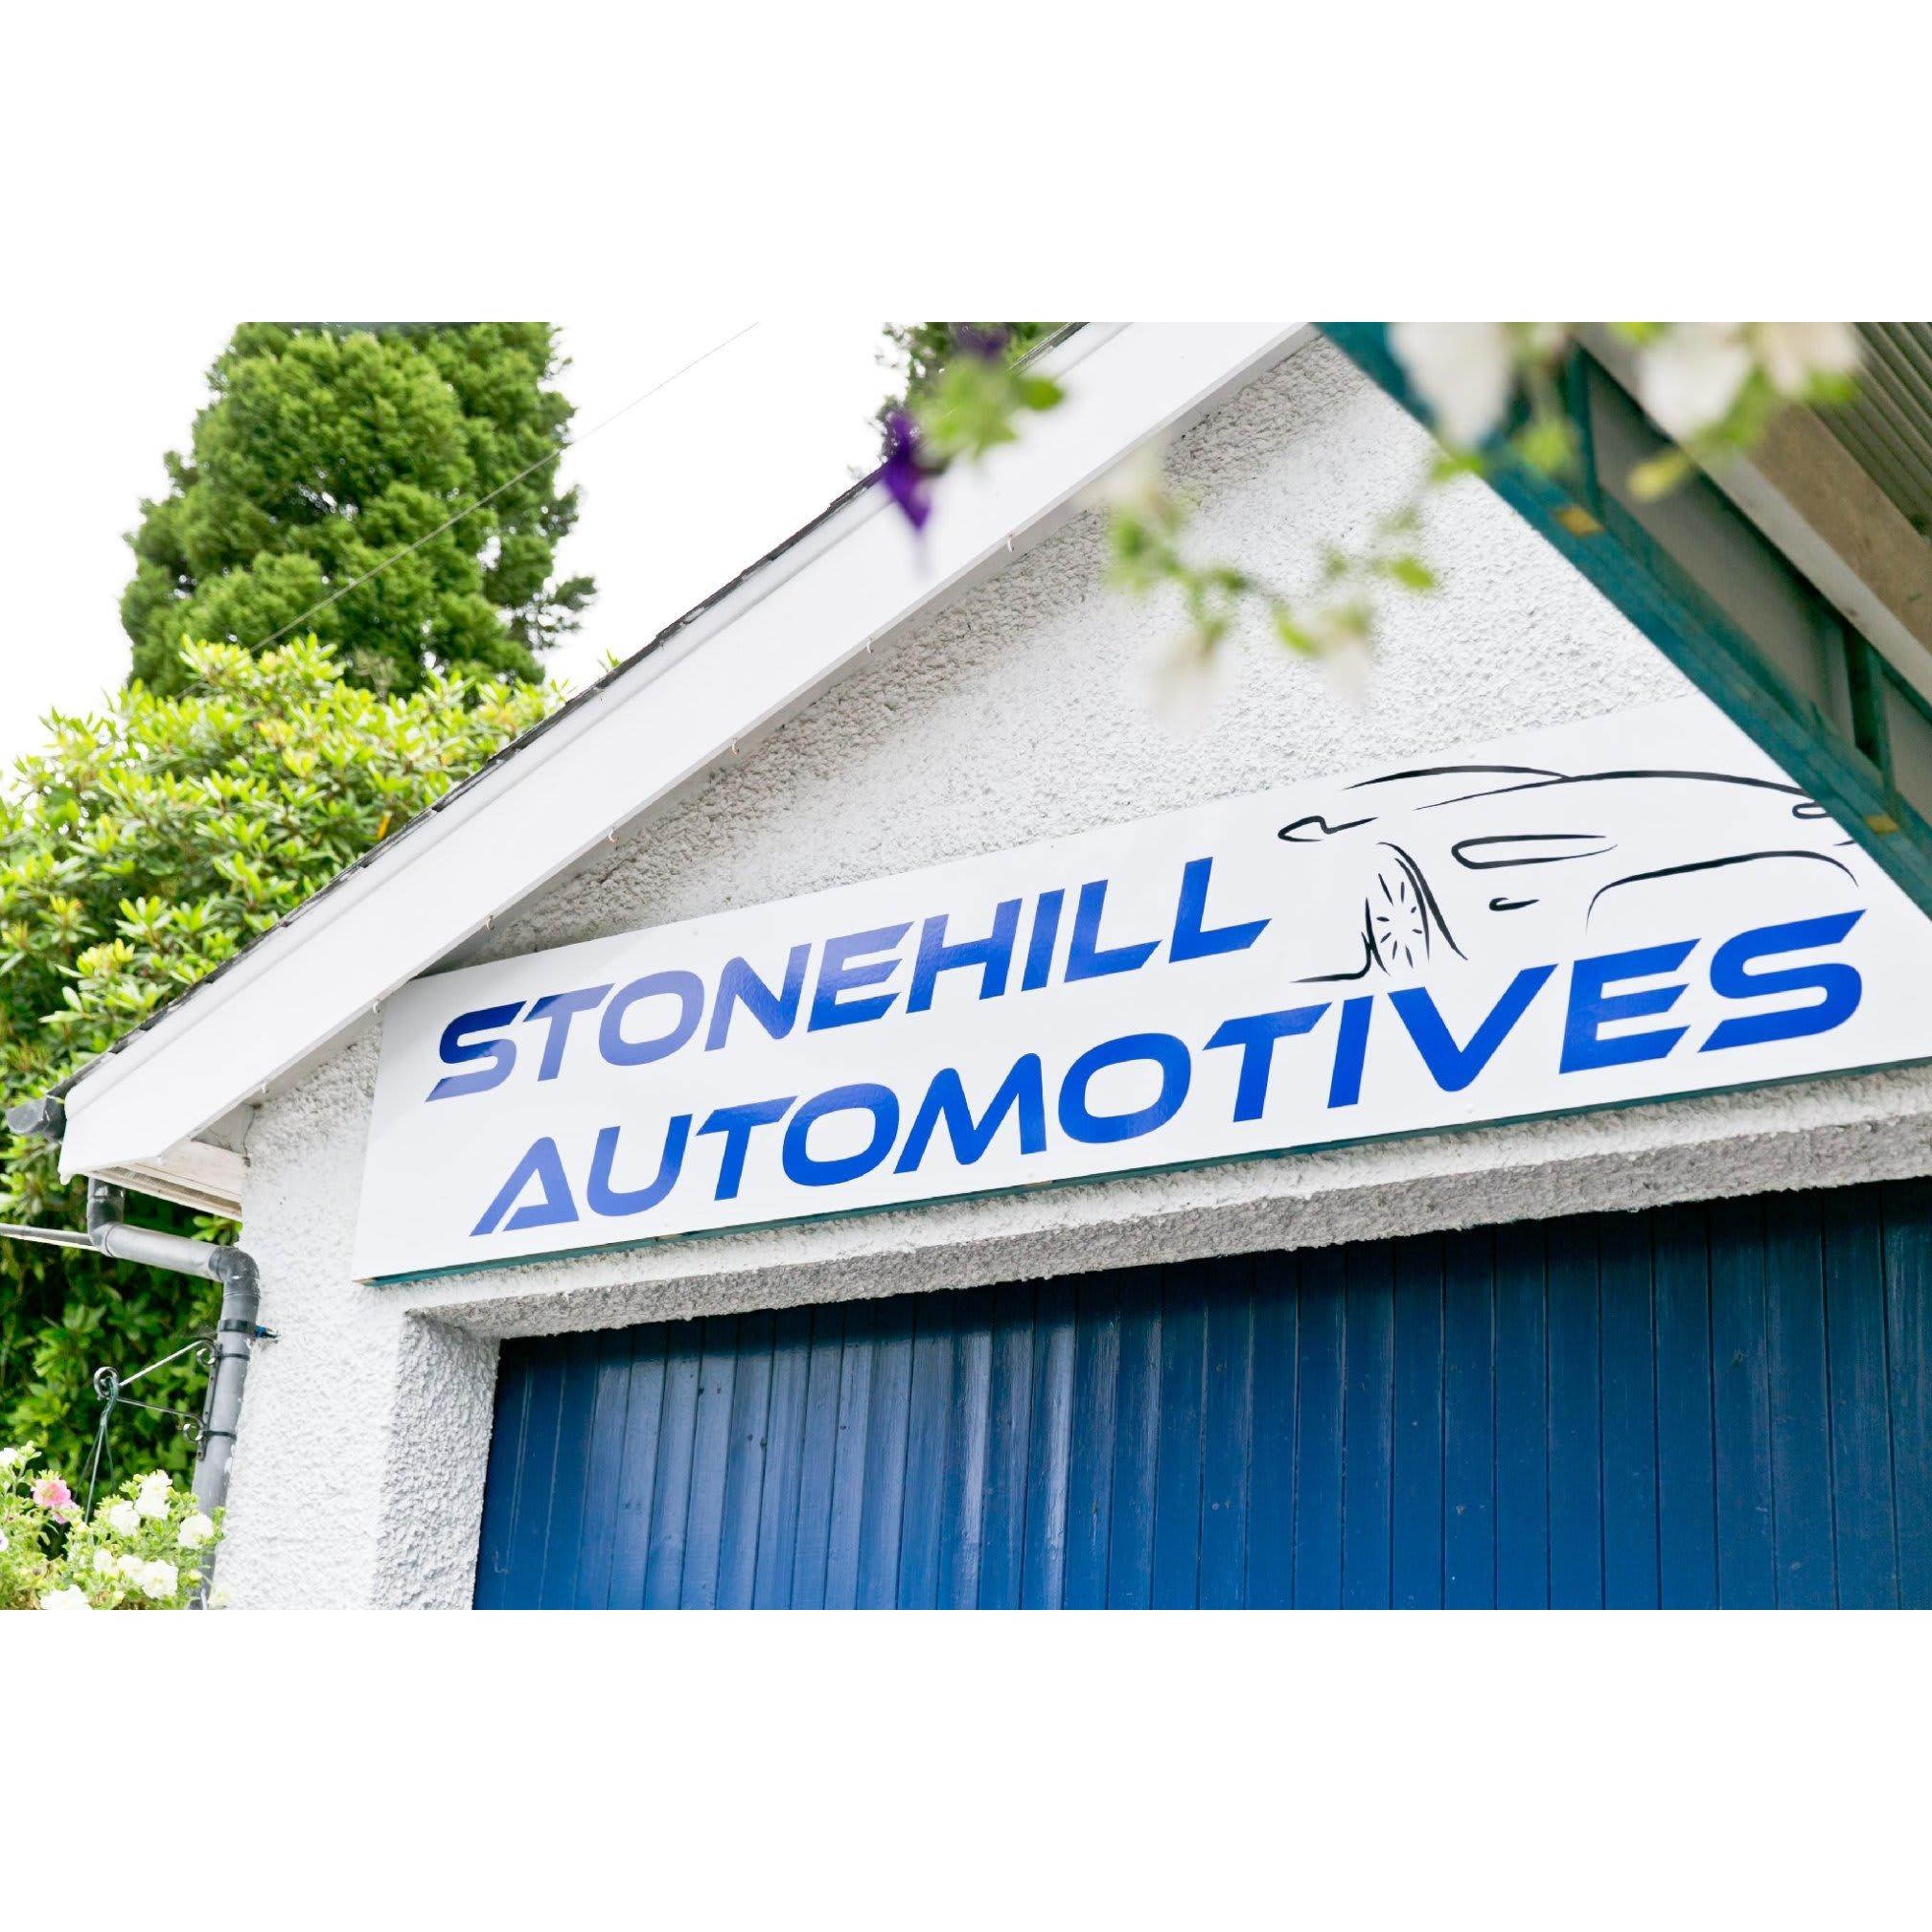 Stonehill Automotives - Bordon, Hampshire GU35 8HF - 01428 713732 | ShowMeLocal.com